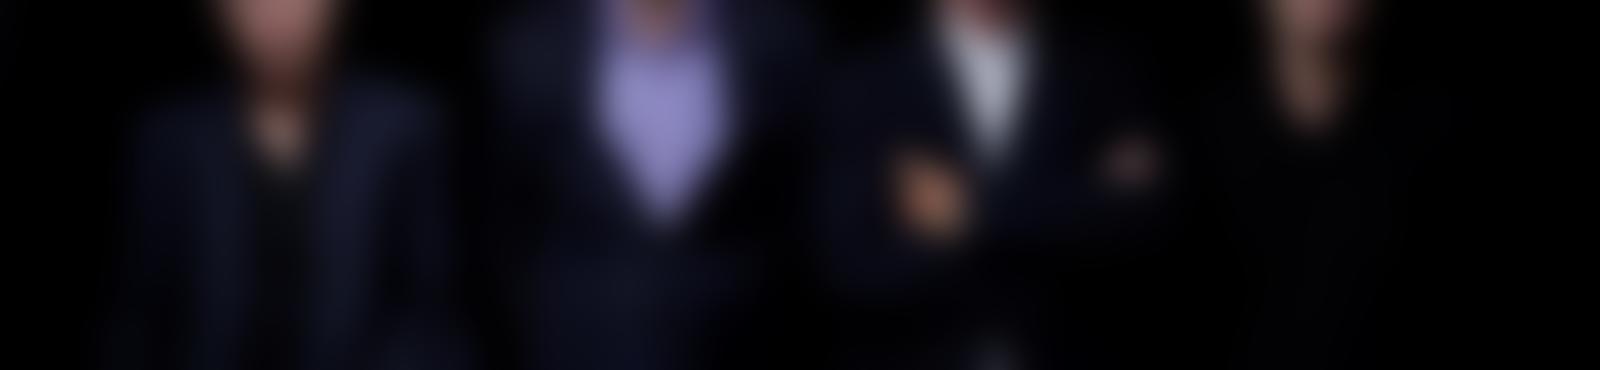 Blurred 6a08b45b e080 495f bce4 e5aab27e476a